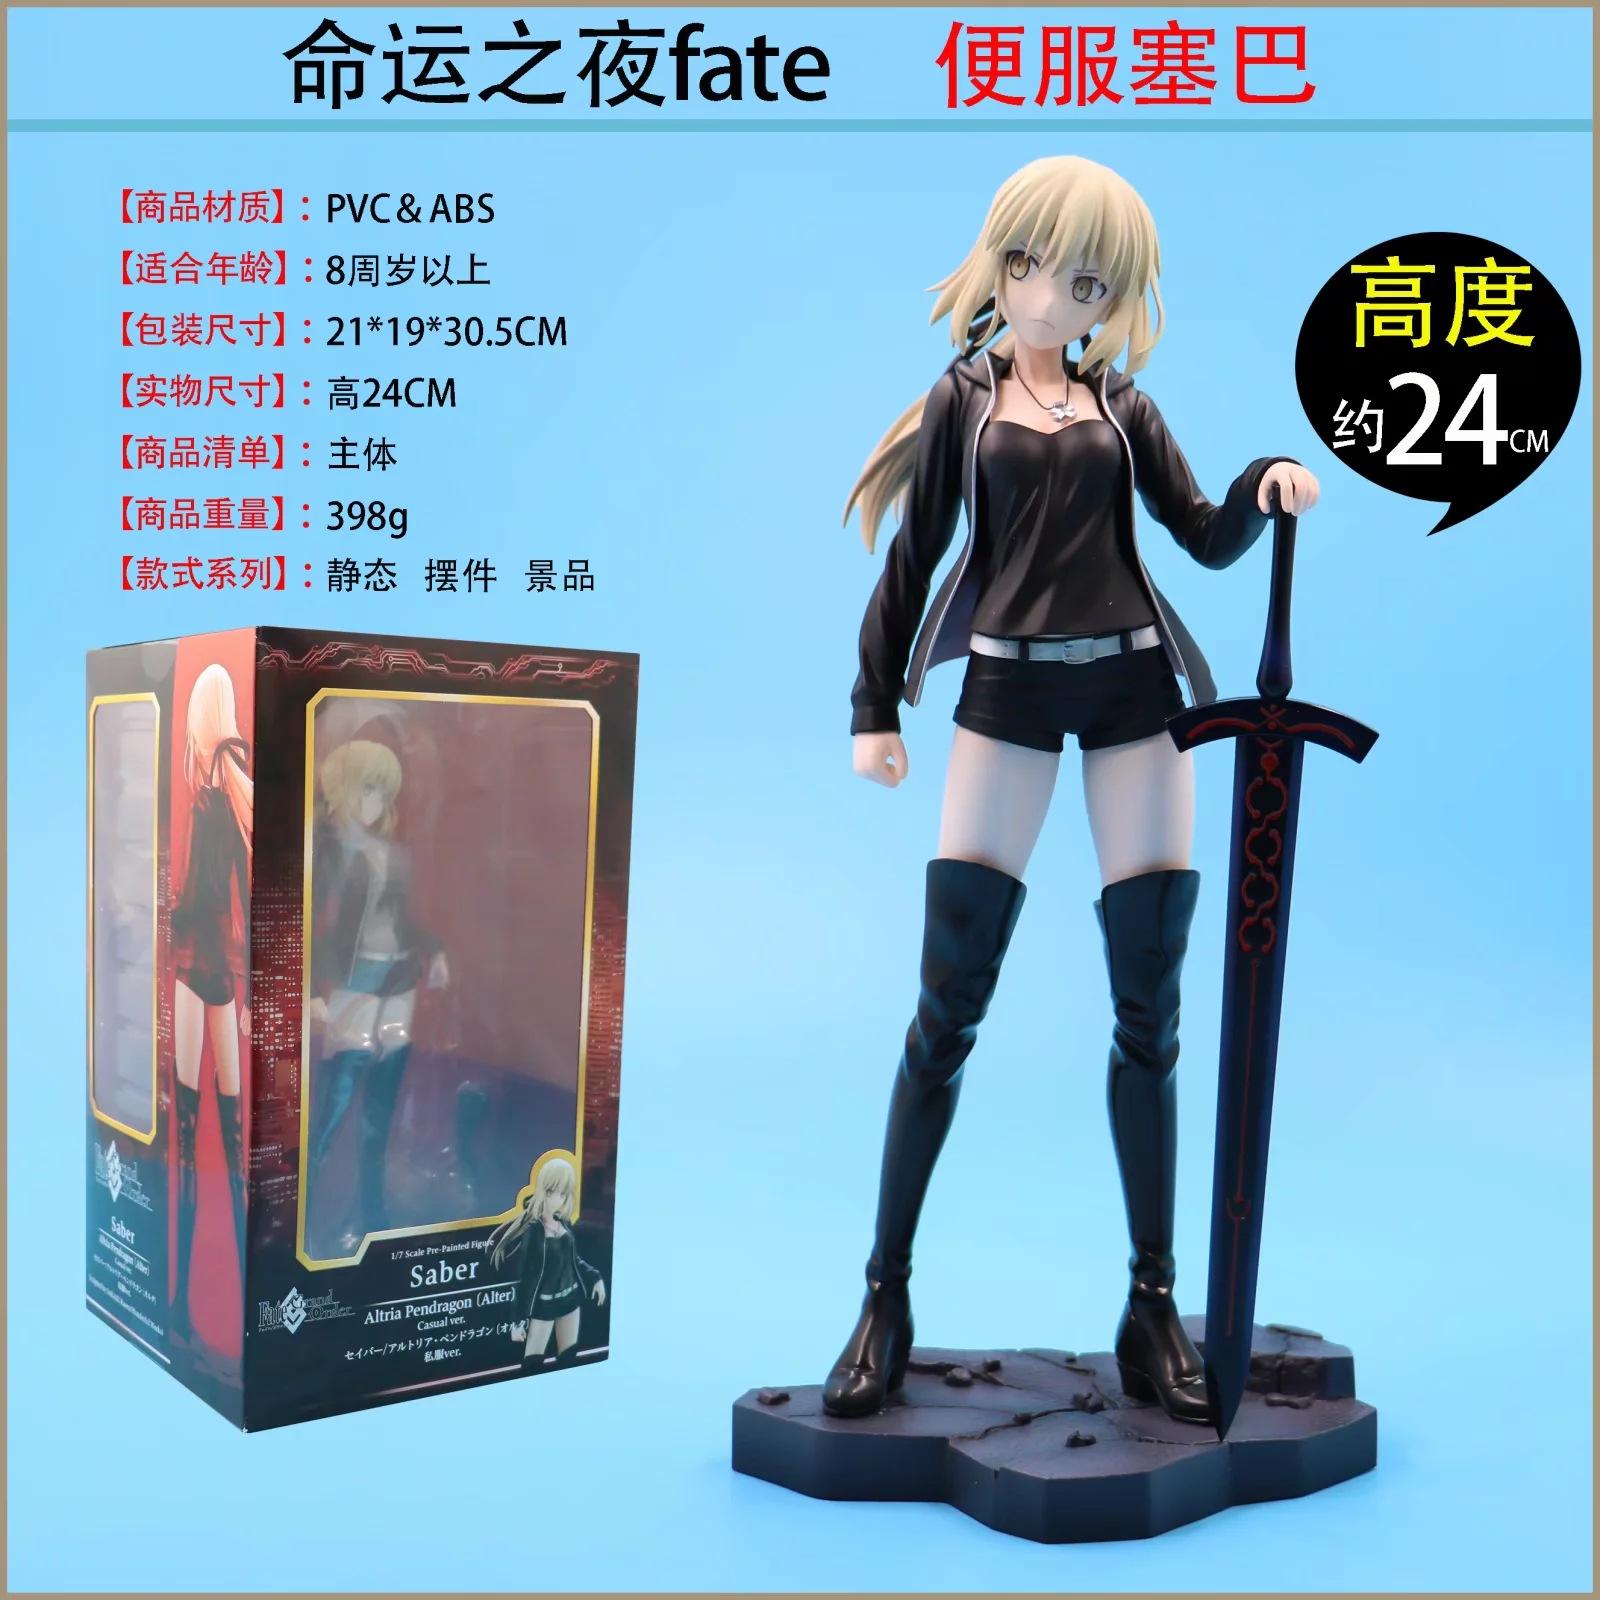 厂家直销 Fate 黑塞巴 saber 便服 阿尔托莉雅 手办 玩具 公仔